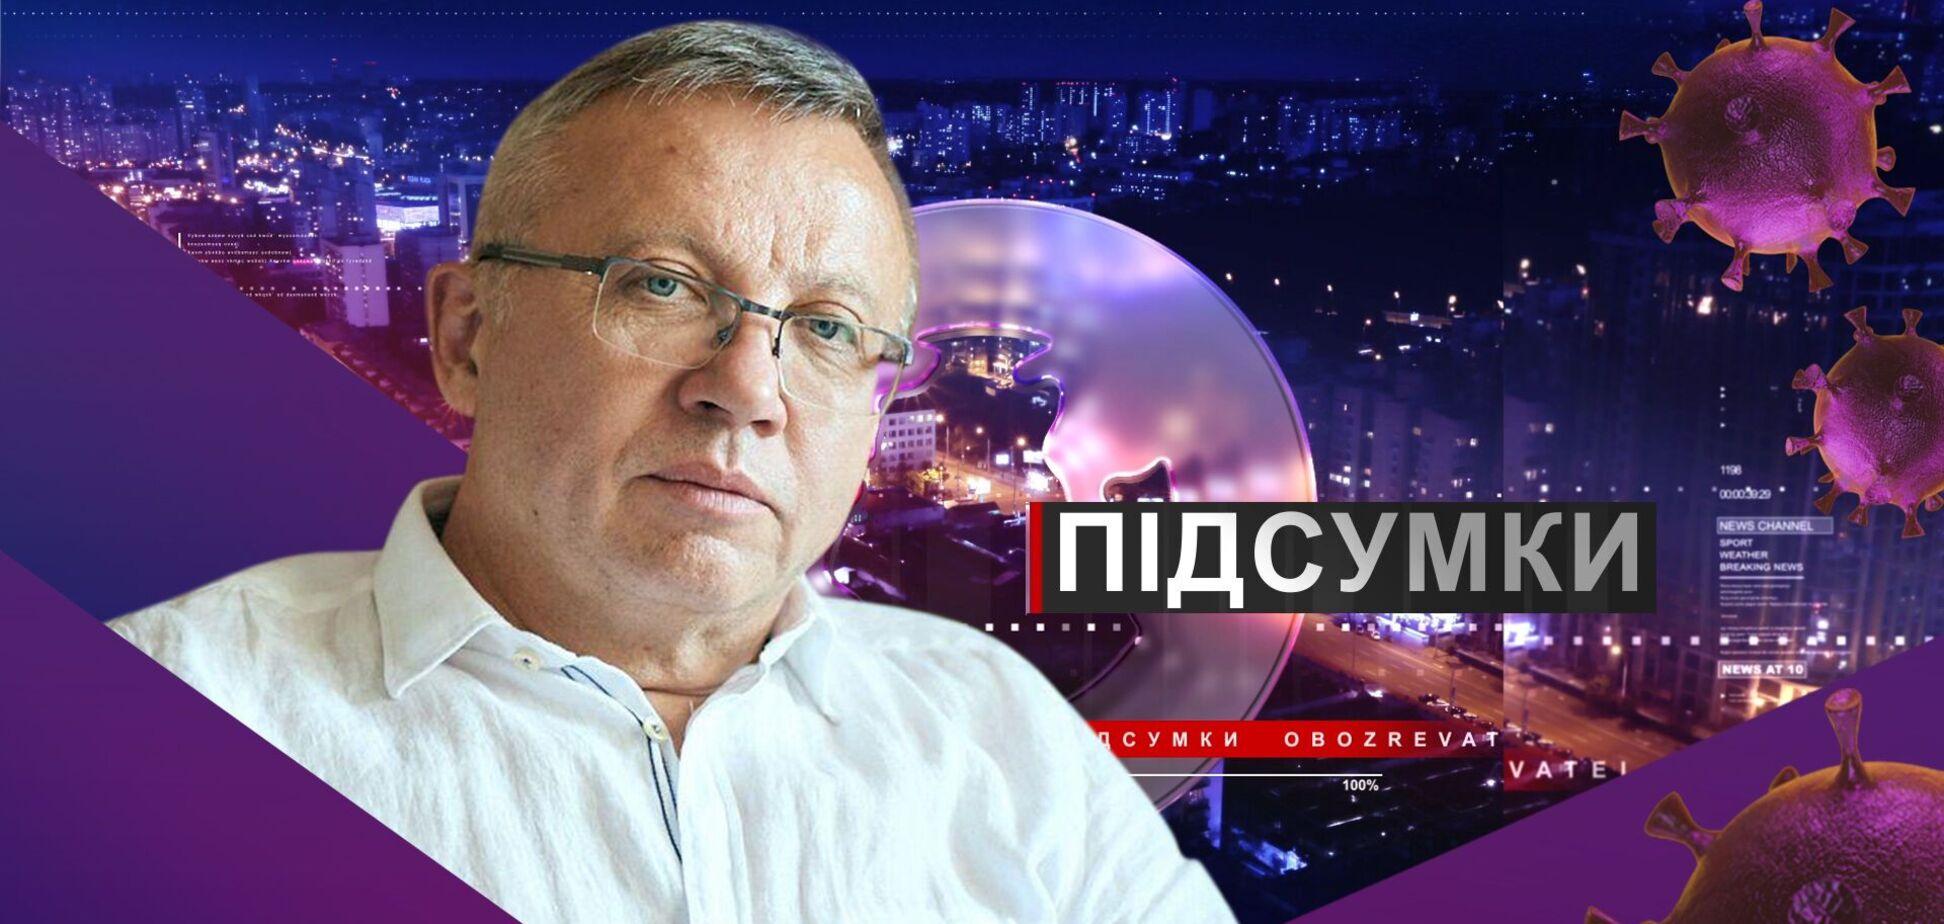 Економіка під час пандемії | Спецефір Підсумків з Олександром Савченком